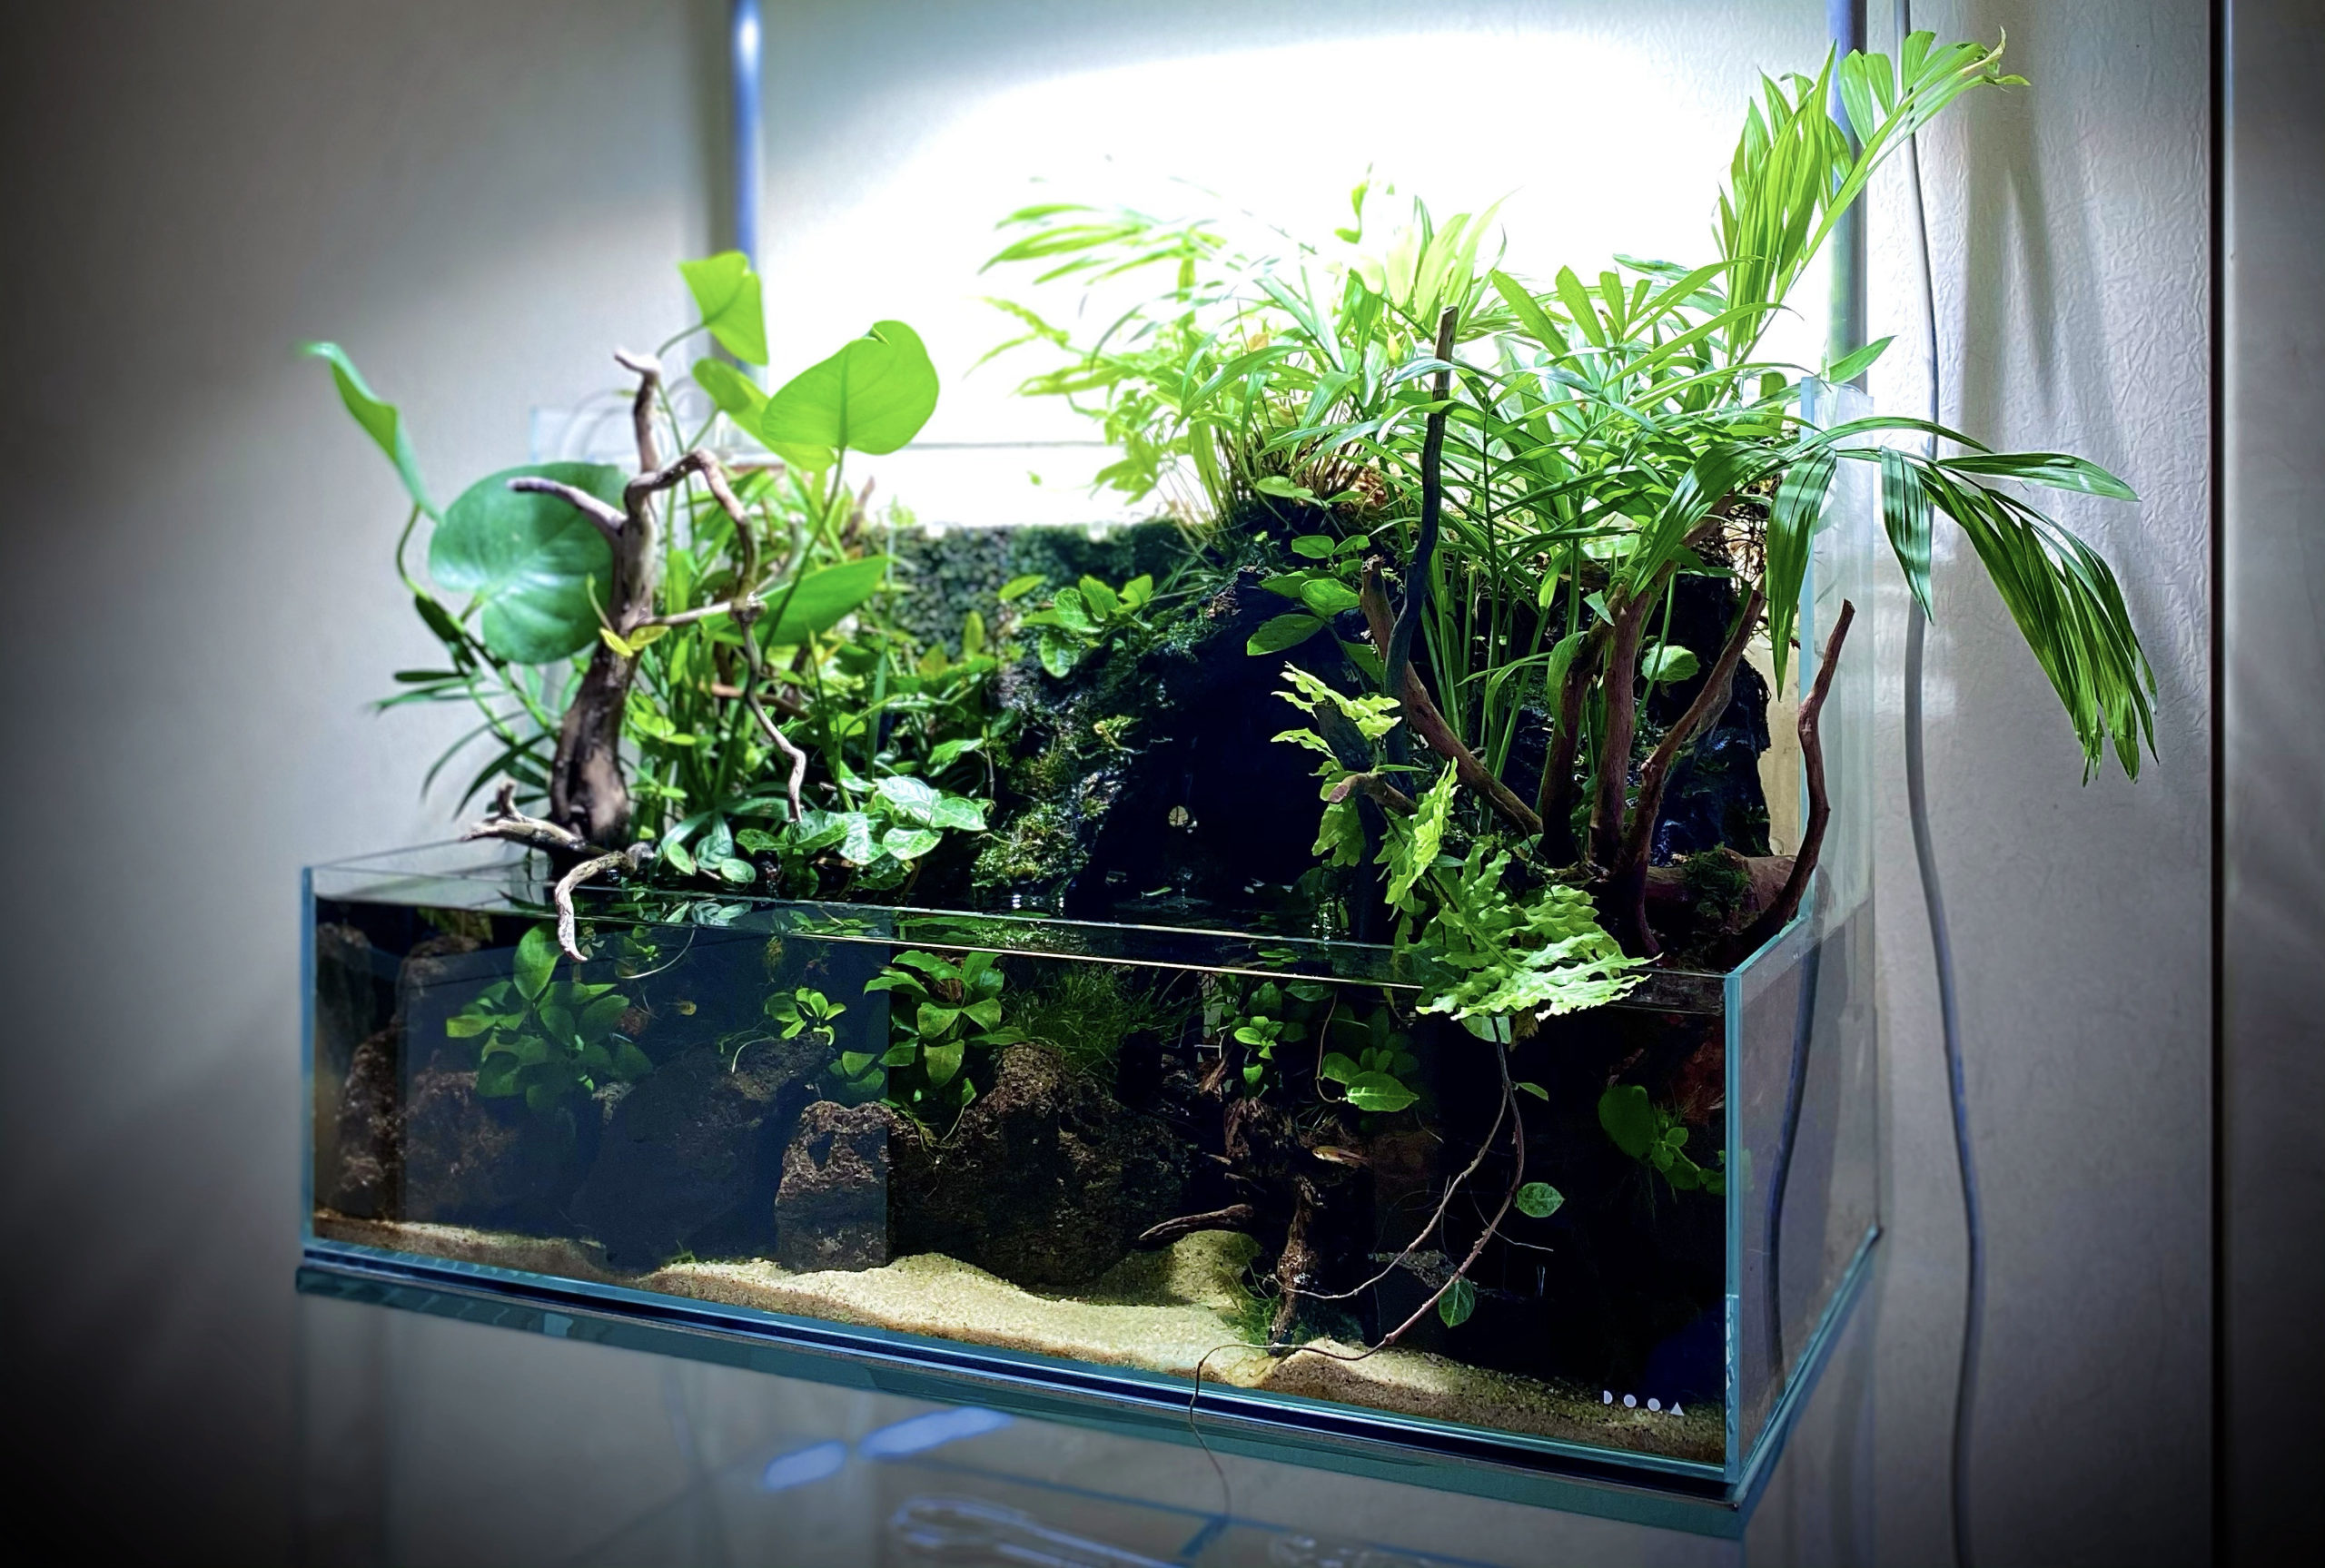 Virtual Aquascape Gallery No. 1  Full ADA & DOOA Aquaterrarium